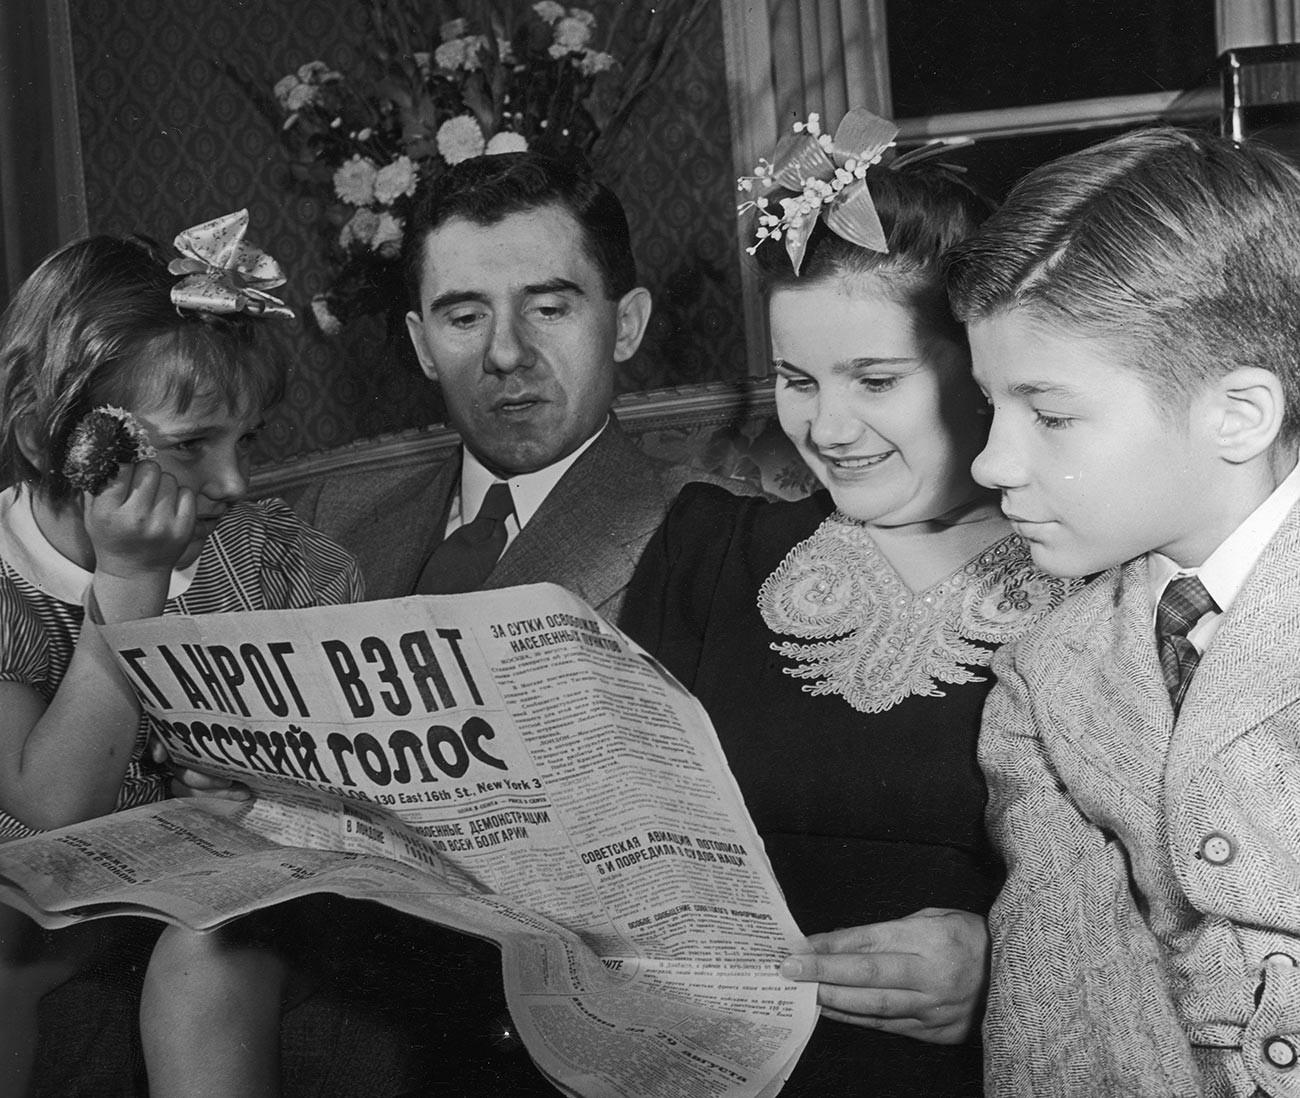 Novi sovjetski veleposlanik v ZDA Andrej Gromiko v svojem diplomatskem stanovanju v Washingtonu skupaj z ženo Lidijo, hčerko Emilijo in sinom Anatolijem, 1944